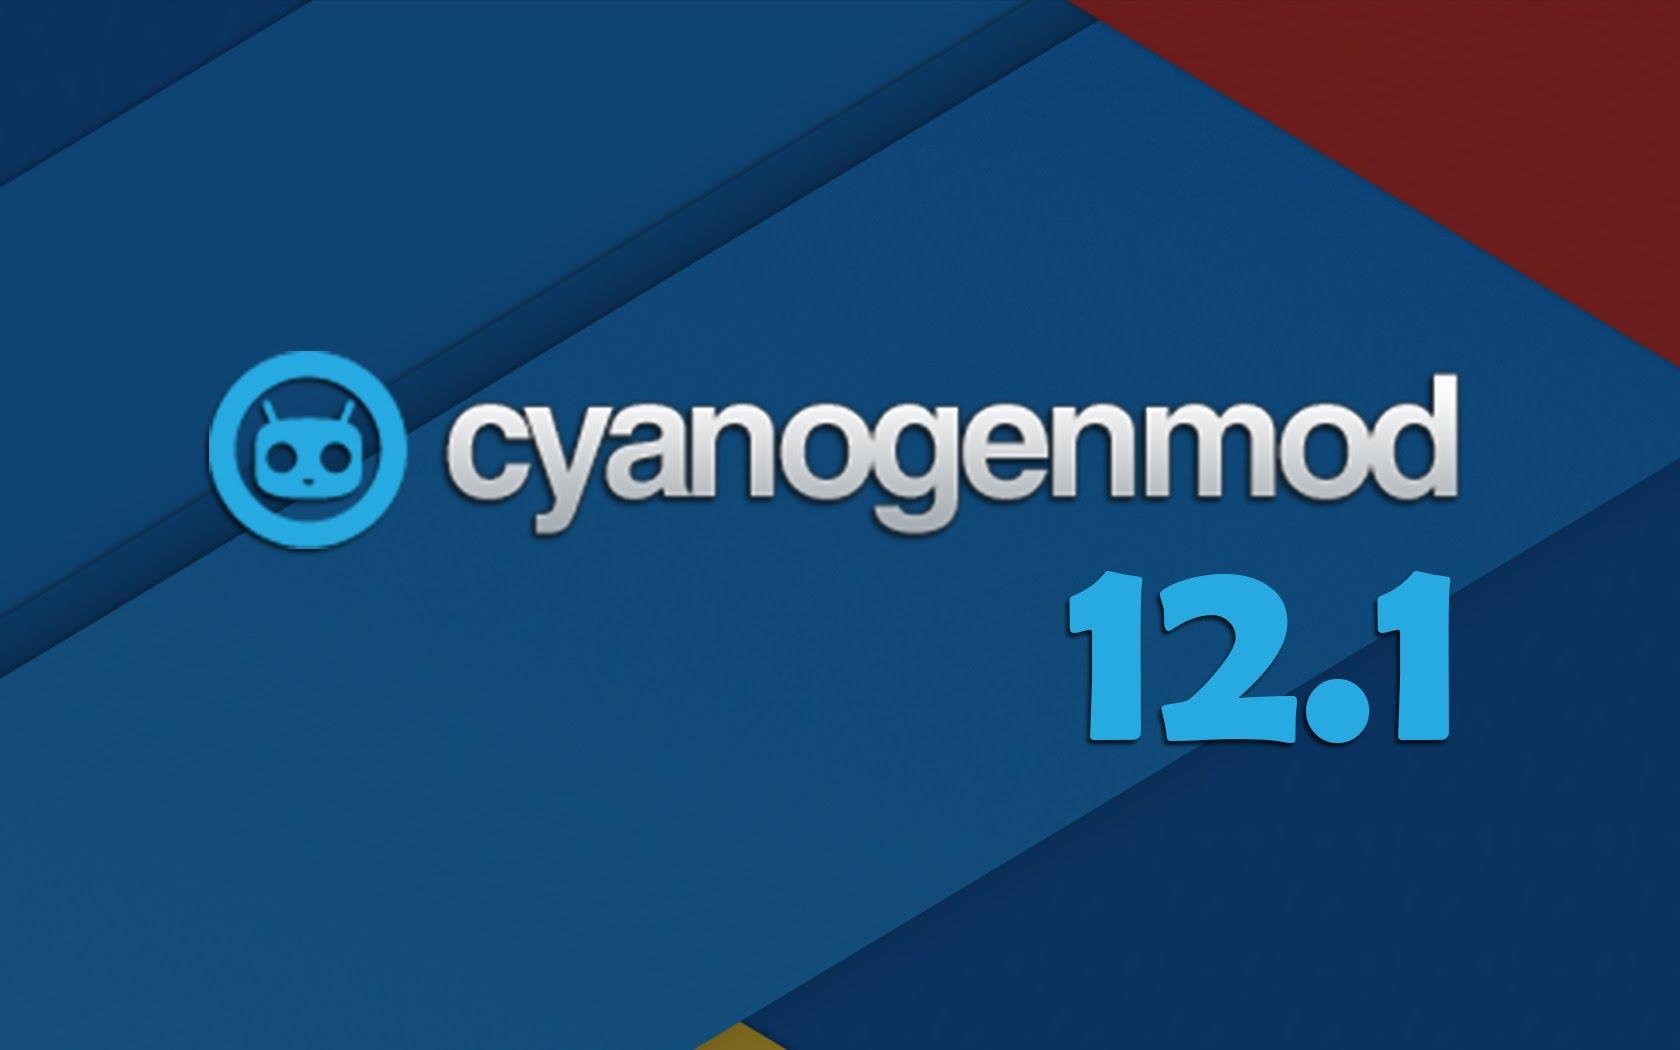 Folgende Geräte erhalten das CM 12.1 Update mit Android 5.1 an Bord